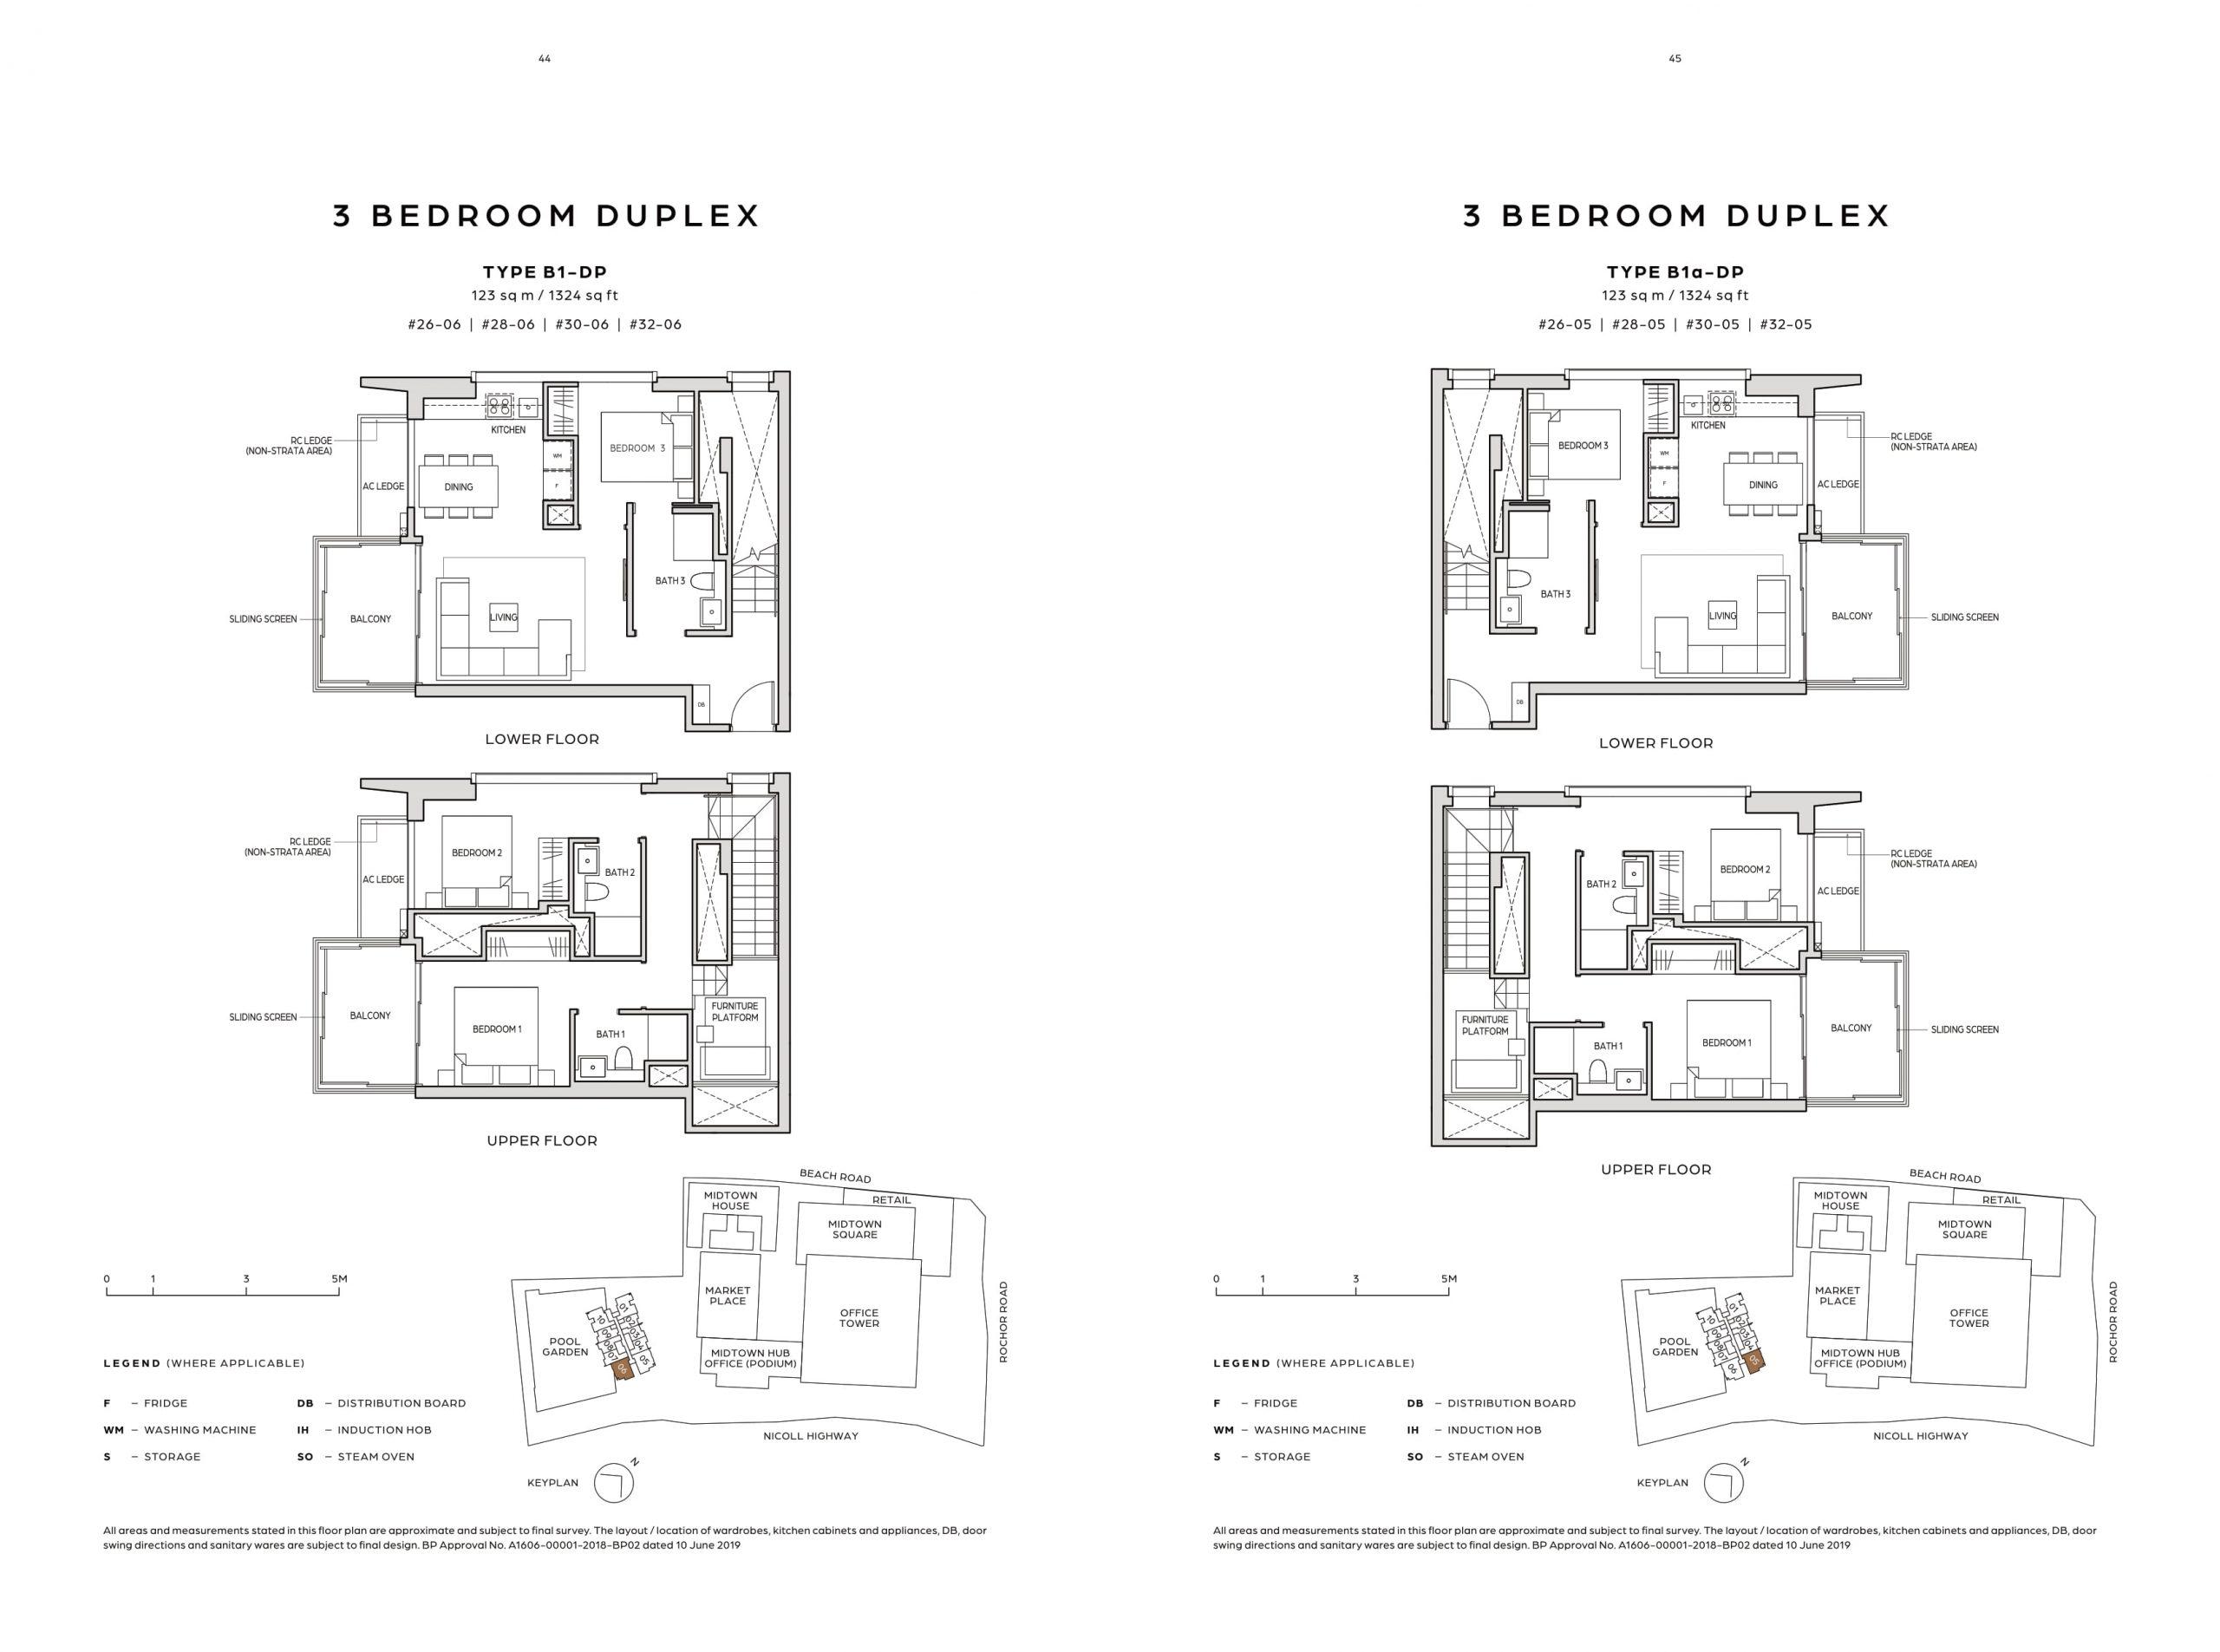 Midtown Bay's three-bedroom duplex types